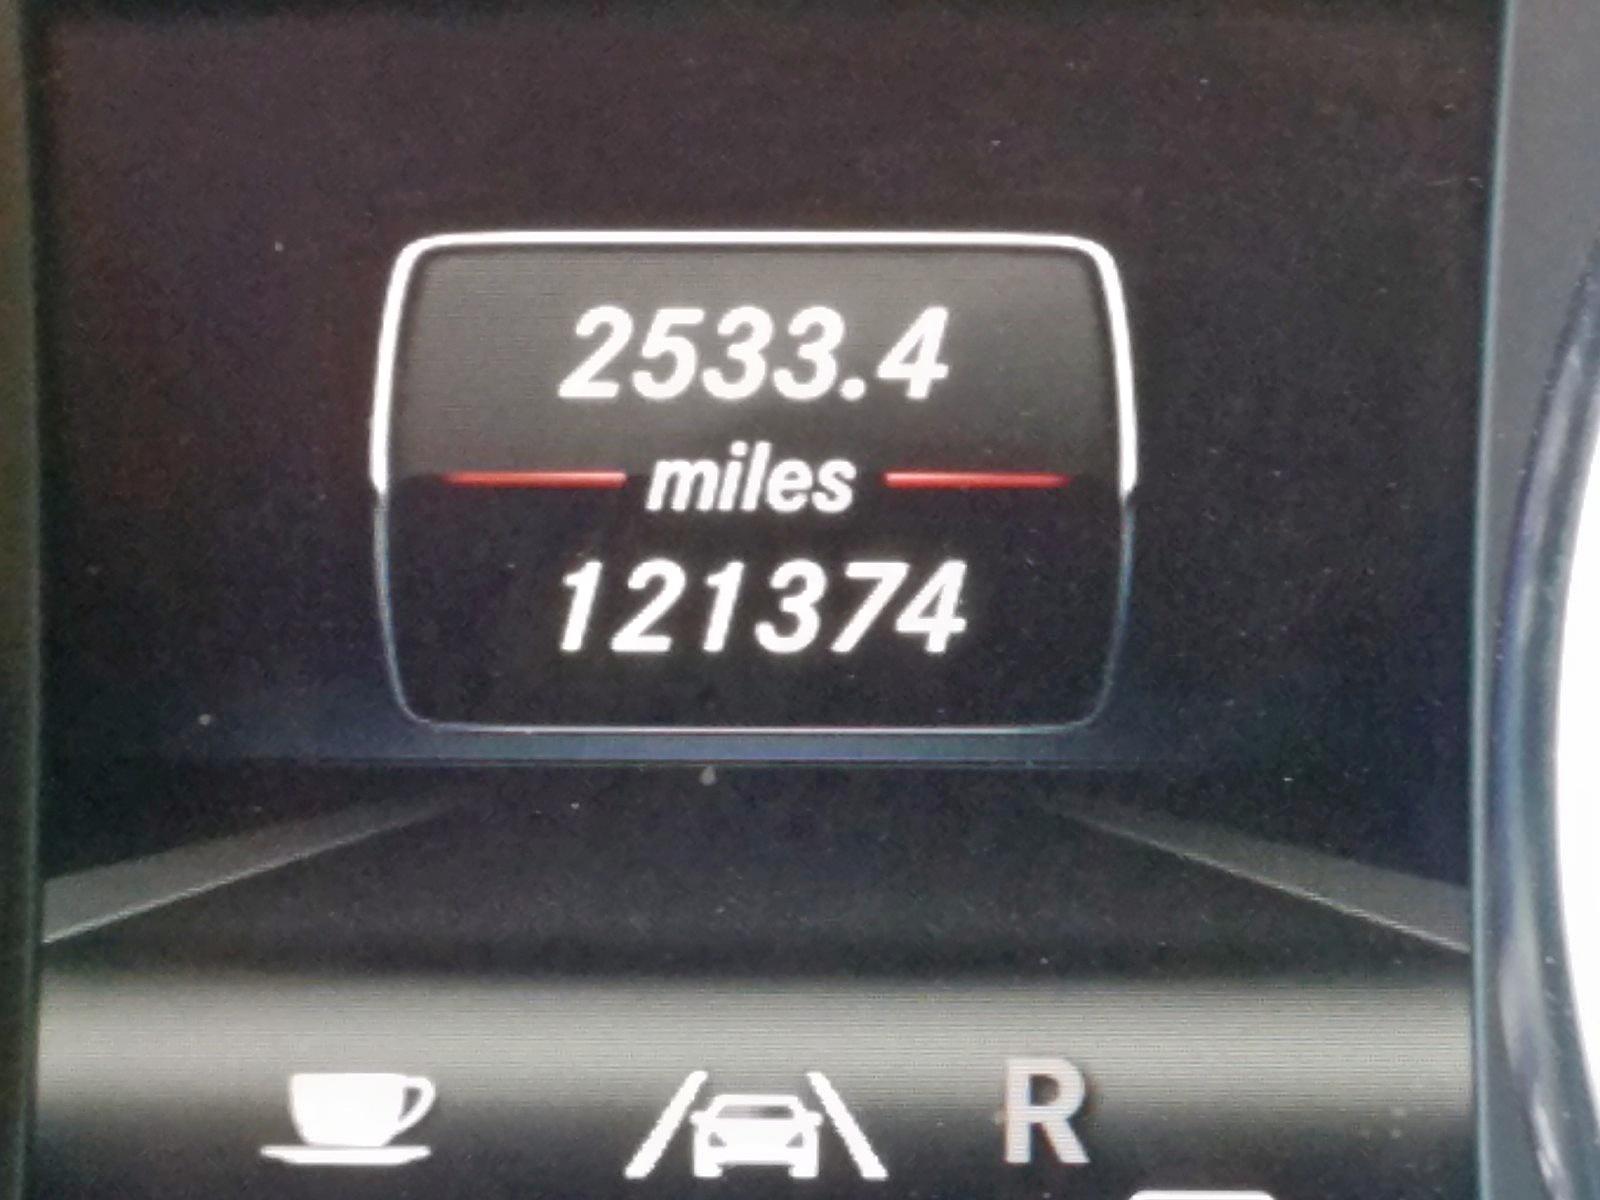 4JGDF7CE4DA186752 - 2013 Mercedes-Benz Gl 450 4Ma 4.6L front view